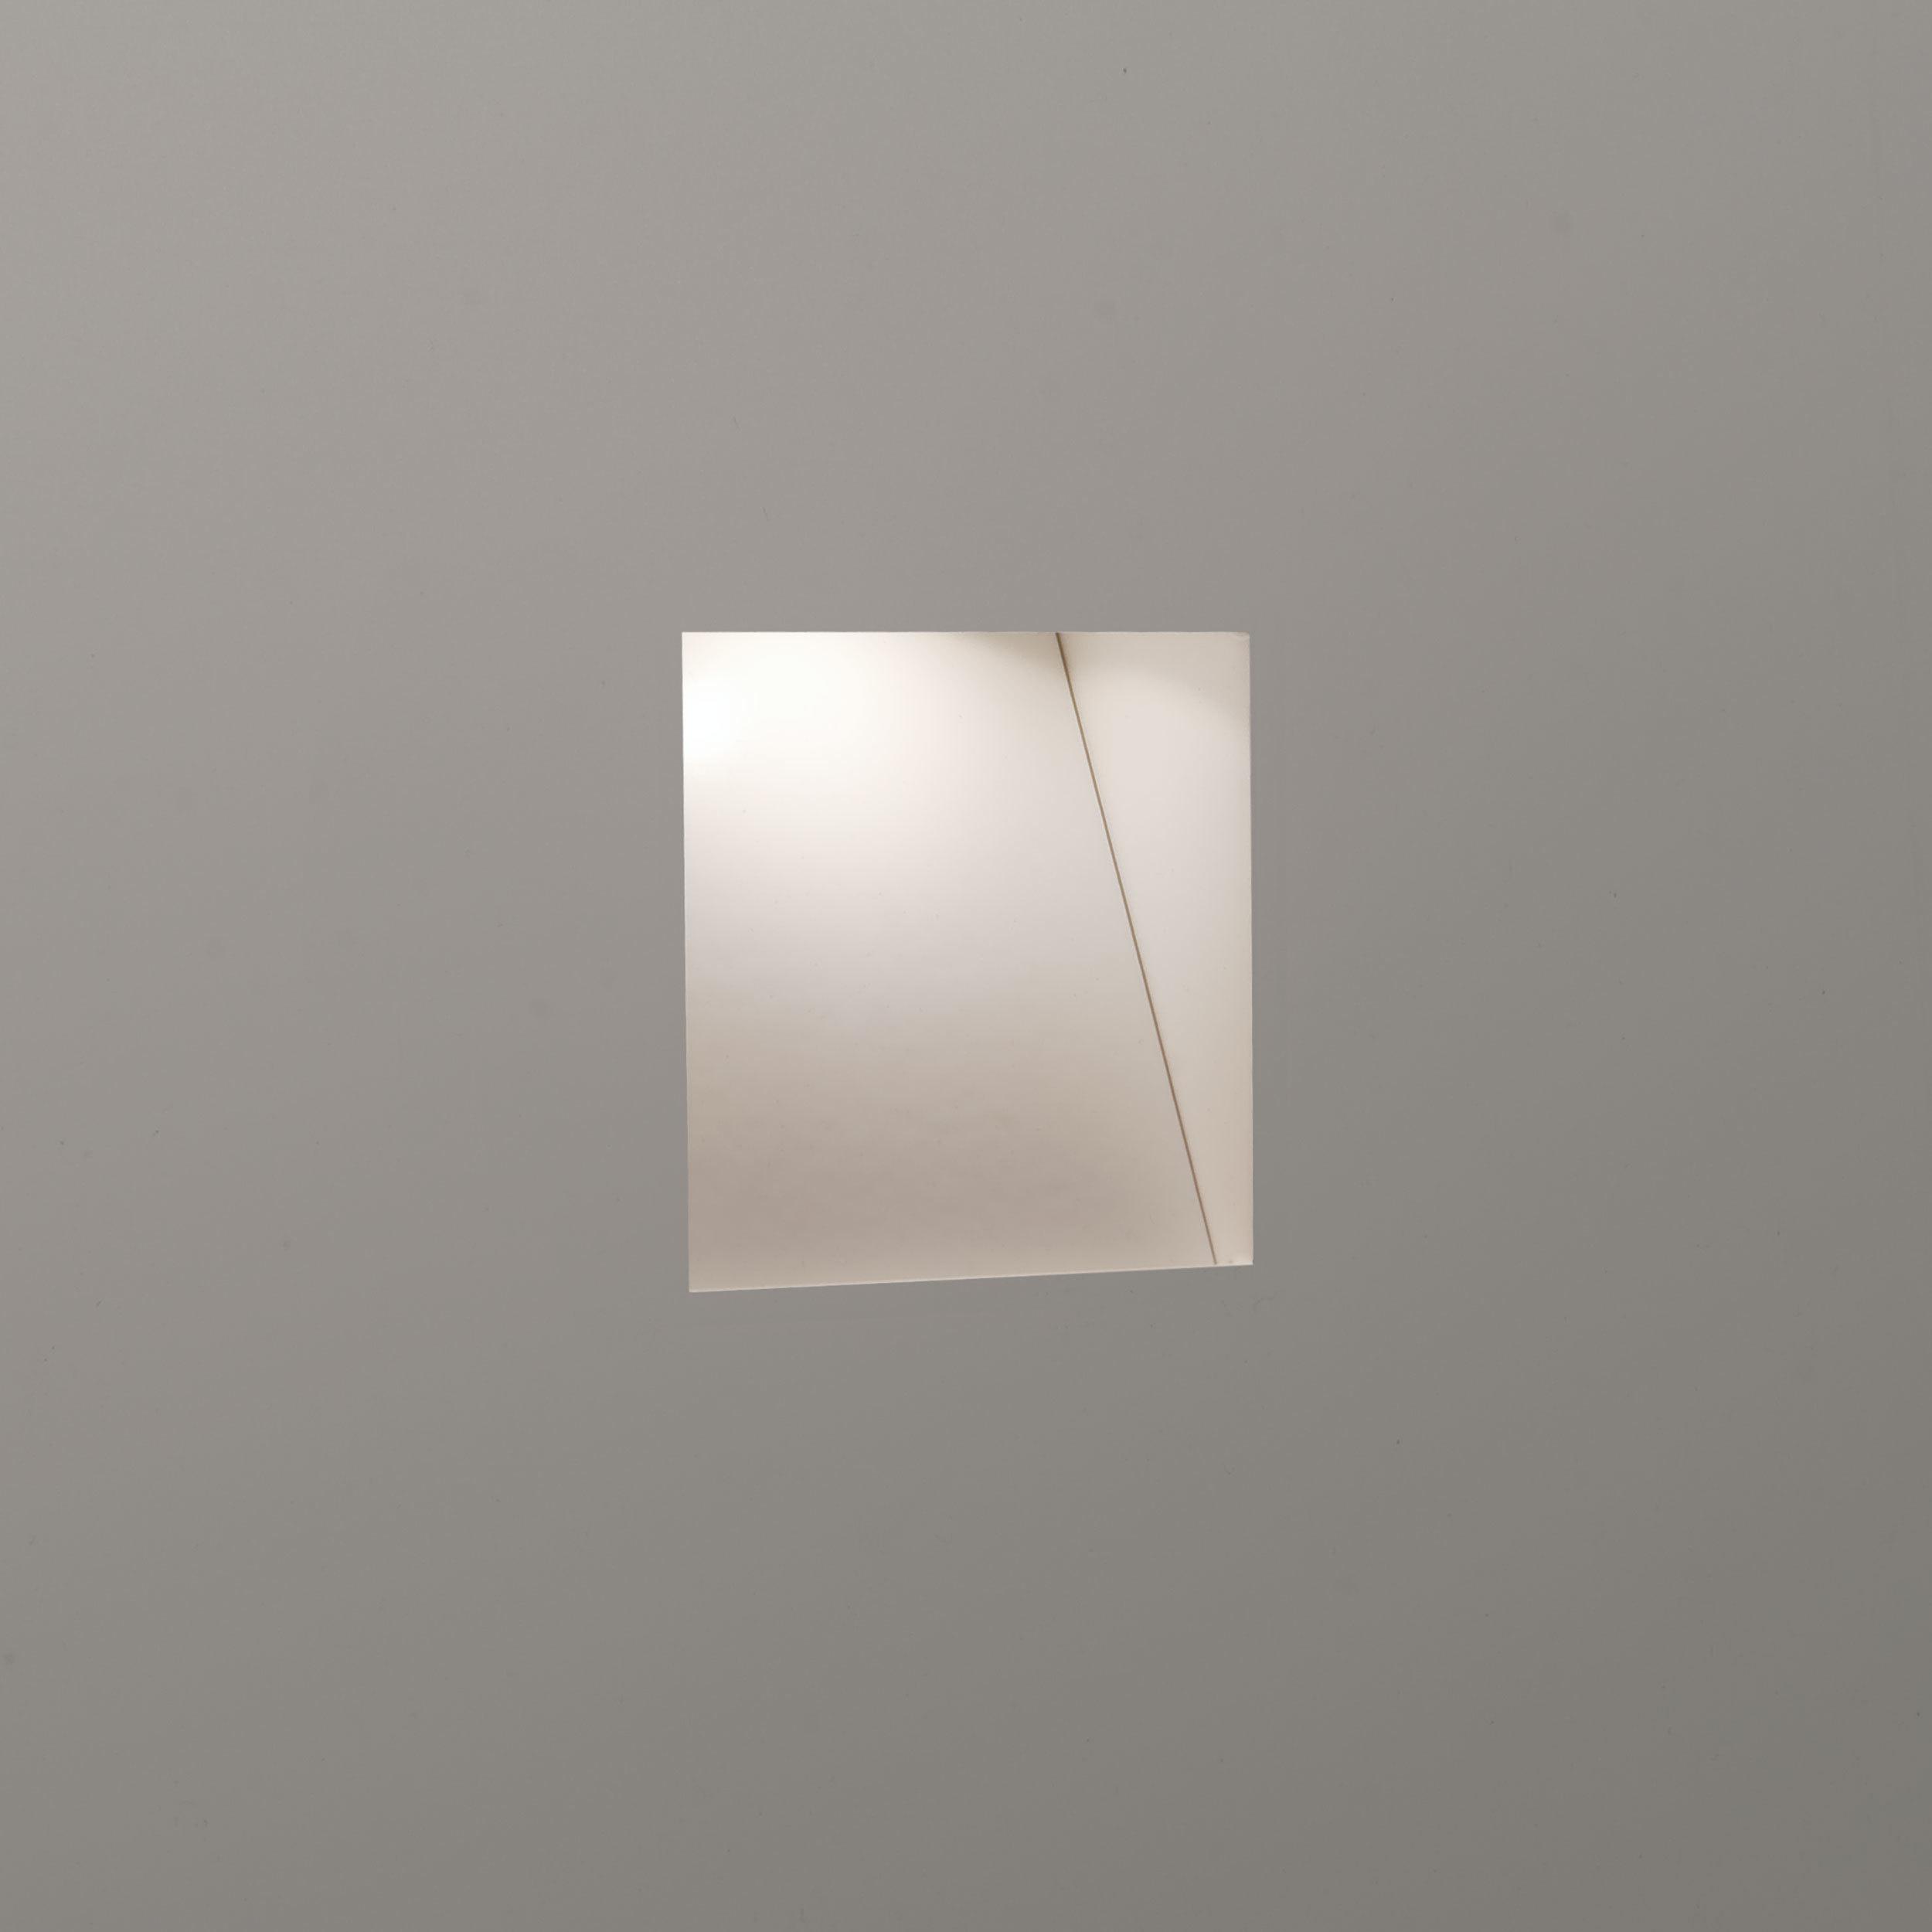 Встраиваемый настенный светодиодный светильник Astro Borgo Trimless Mini 1212037 (7566), LED 1W 2700K 29.3lm CRI80, белый, металл - фото 1